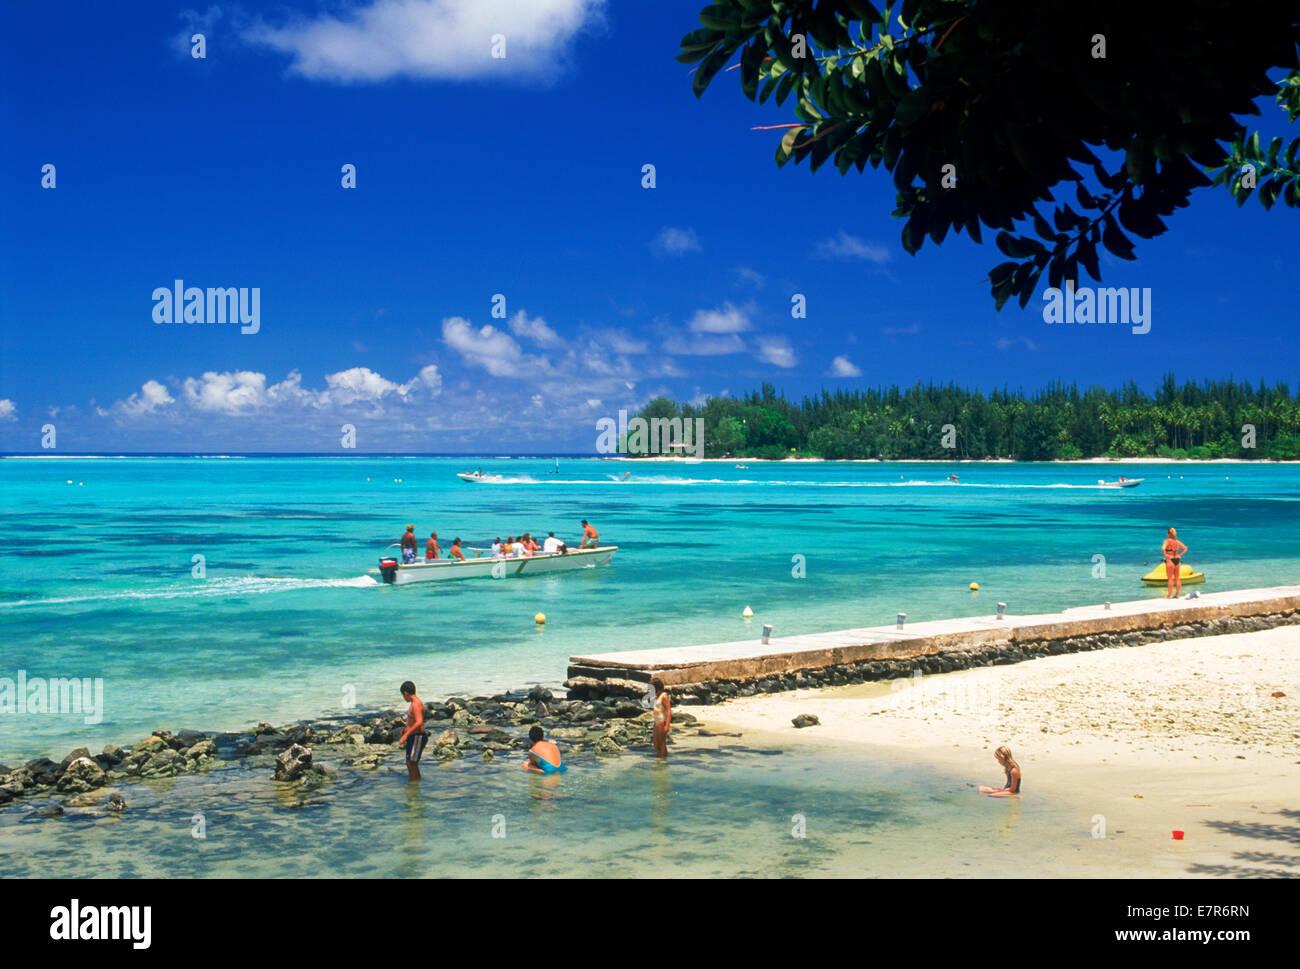 Playas de arena, el Outrigger y turistas delante de Hibiscus Hotel en la isla de Moorea en la Polinesia Francesa Imagen De Stock